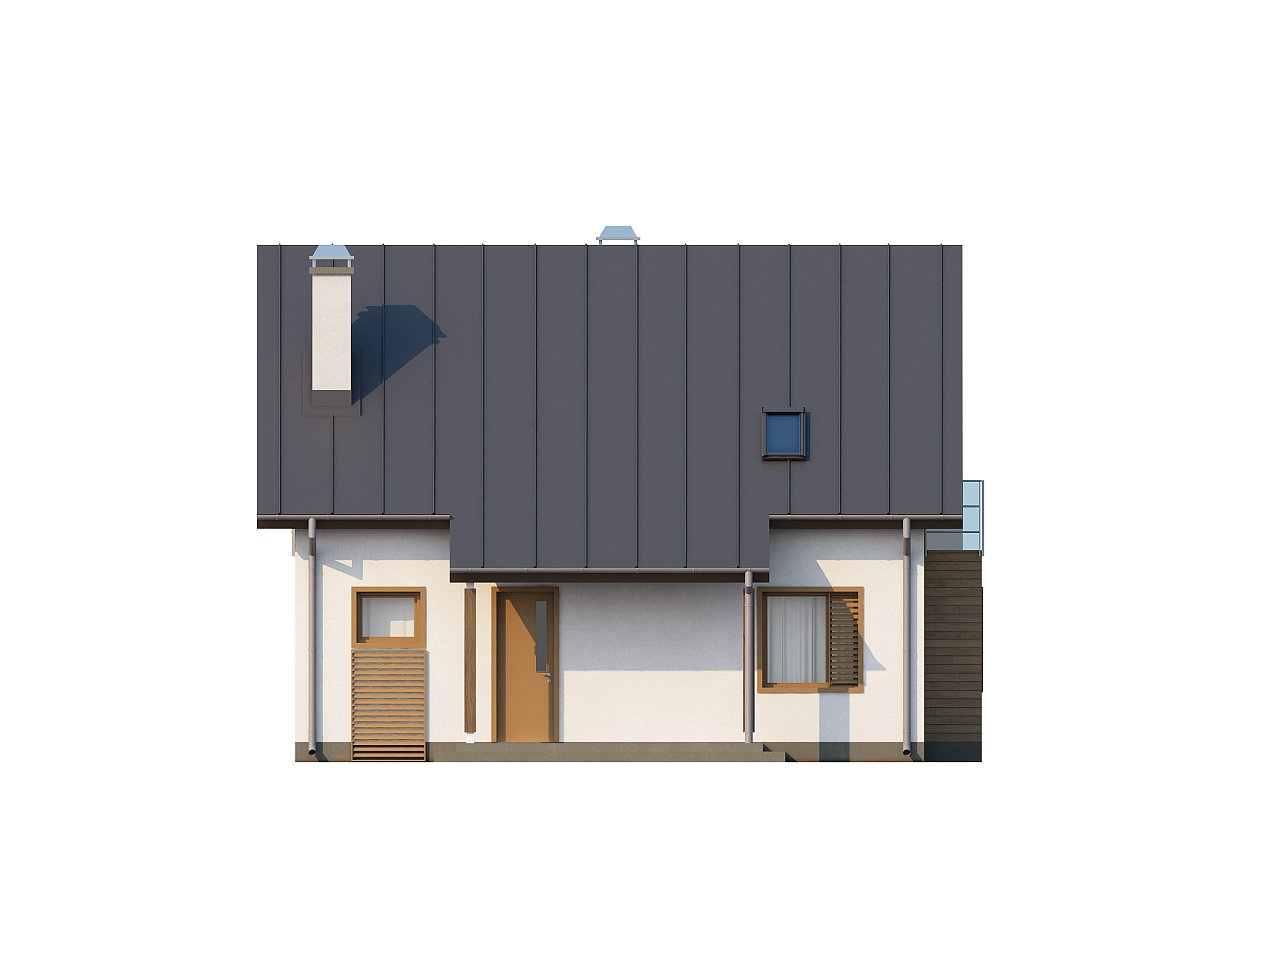 Компактный и функциональный дом с кабинетом на первом этаже и с эркером в обеденной зоне. 6